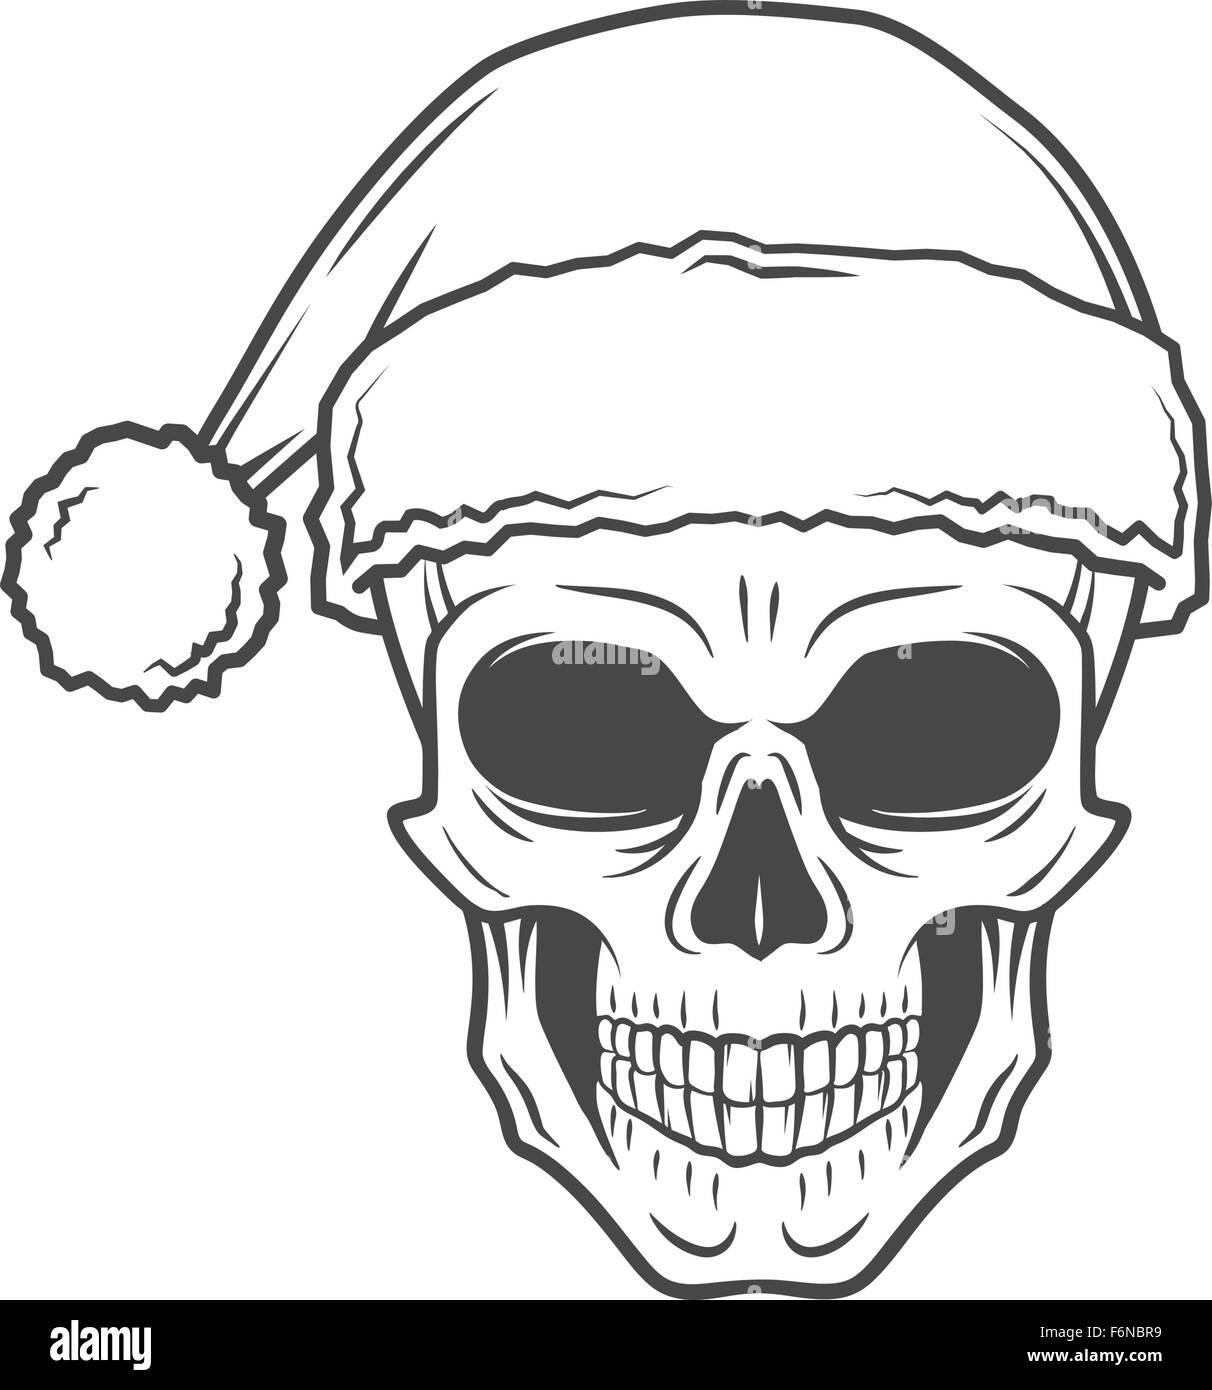 Heavy Metal Christmas.Heavy Metal Christmas Design Bad Santa Claus Biker Poster